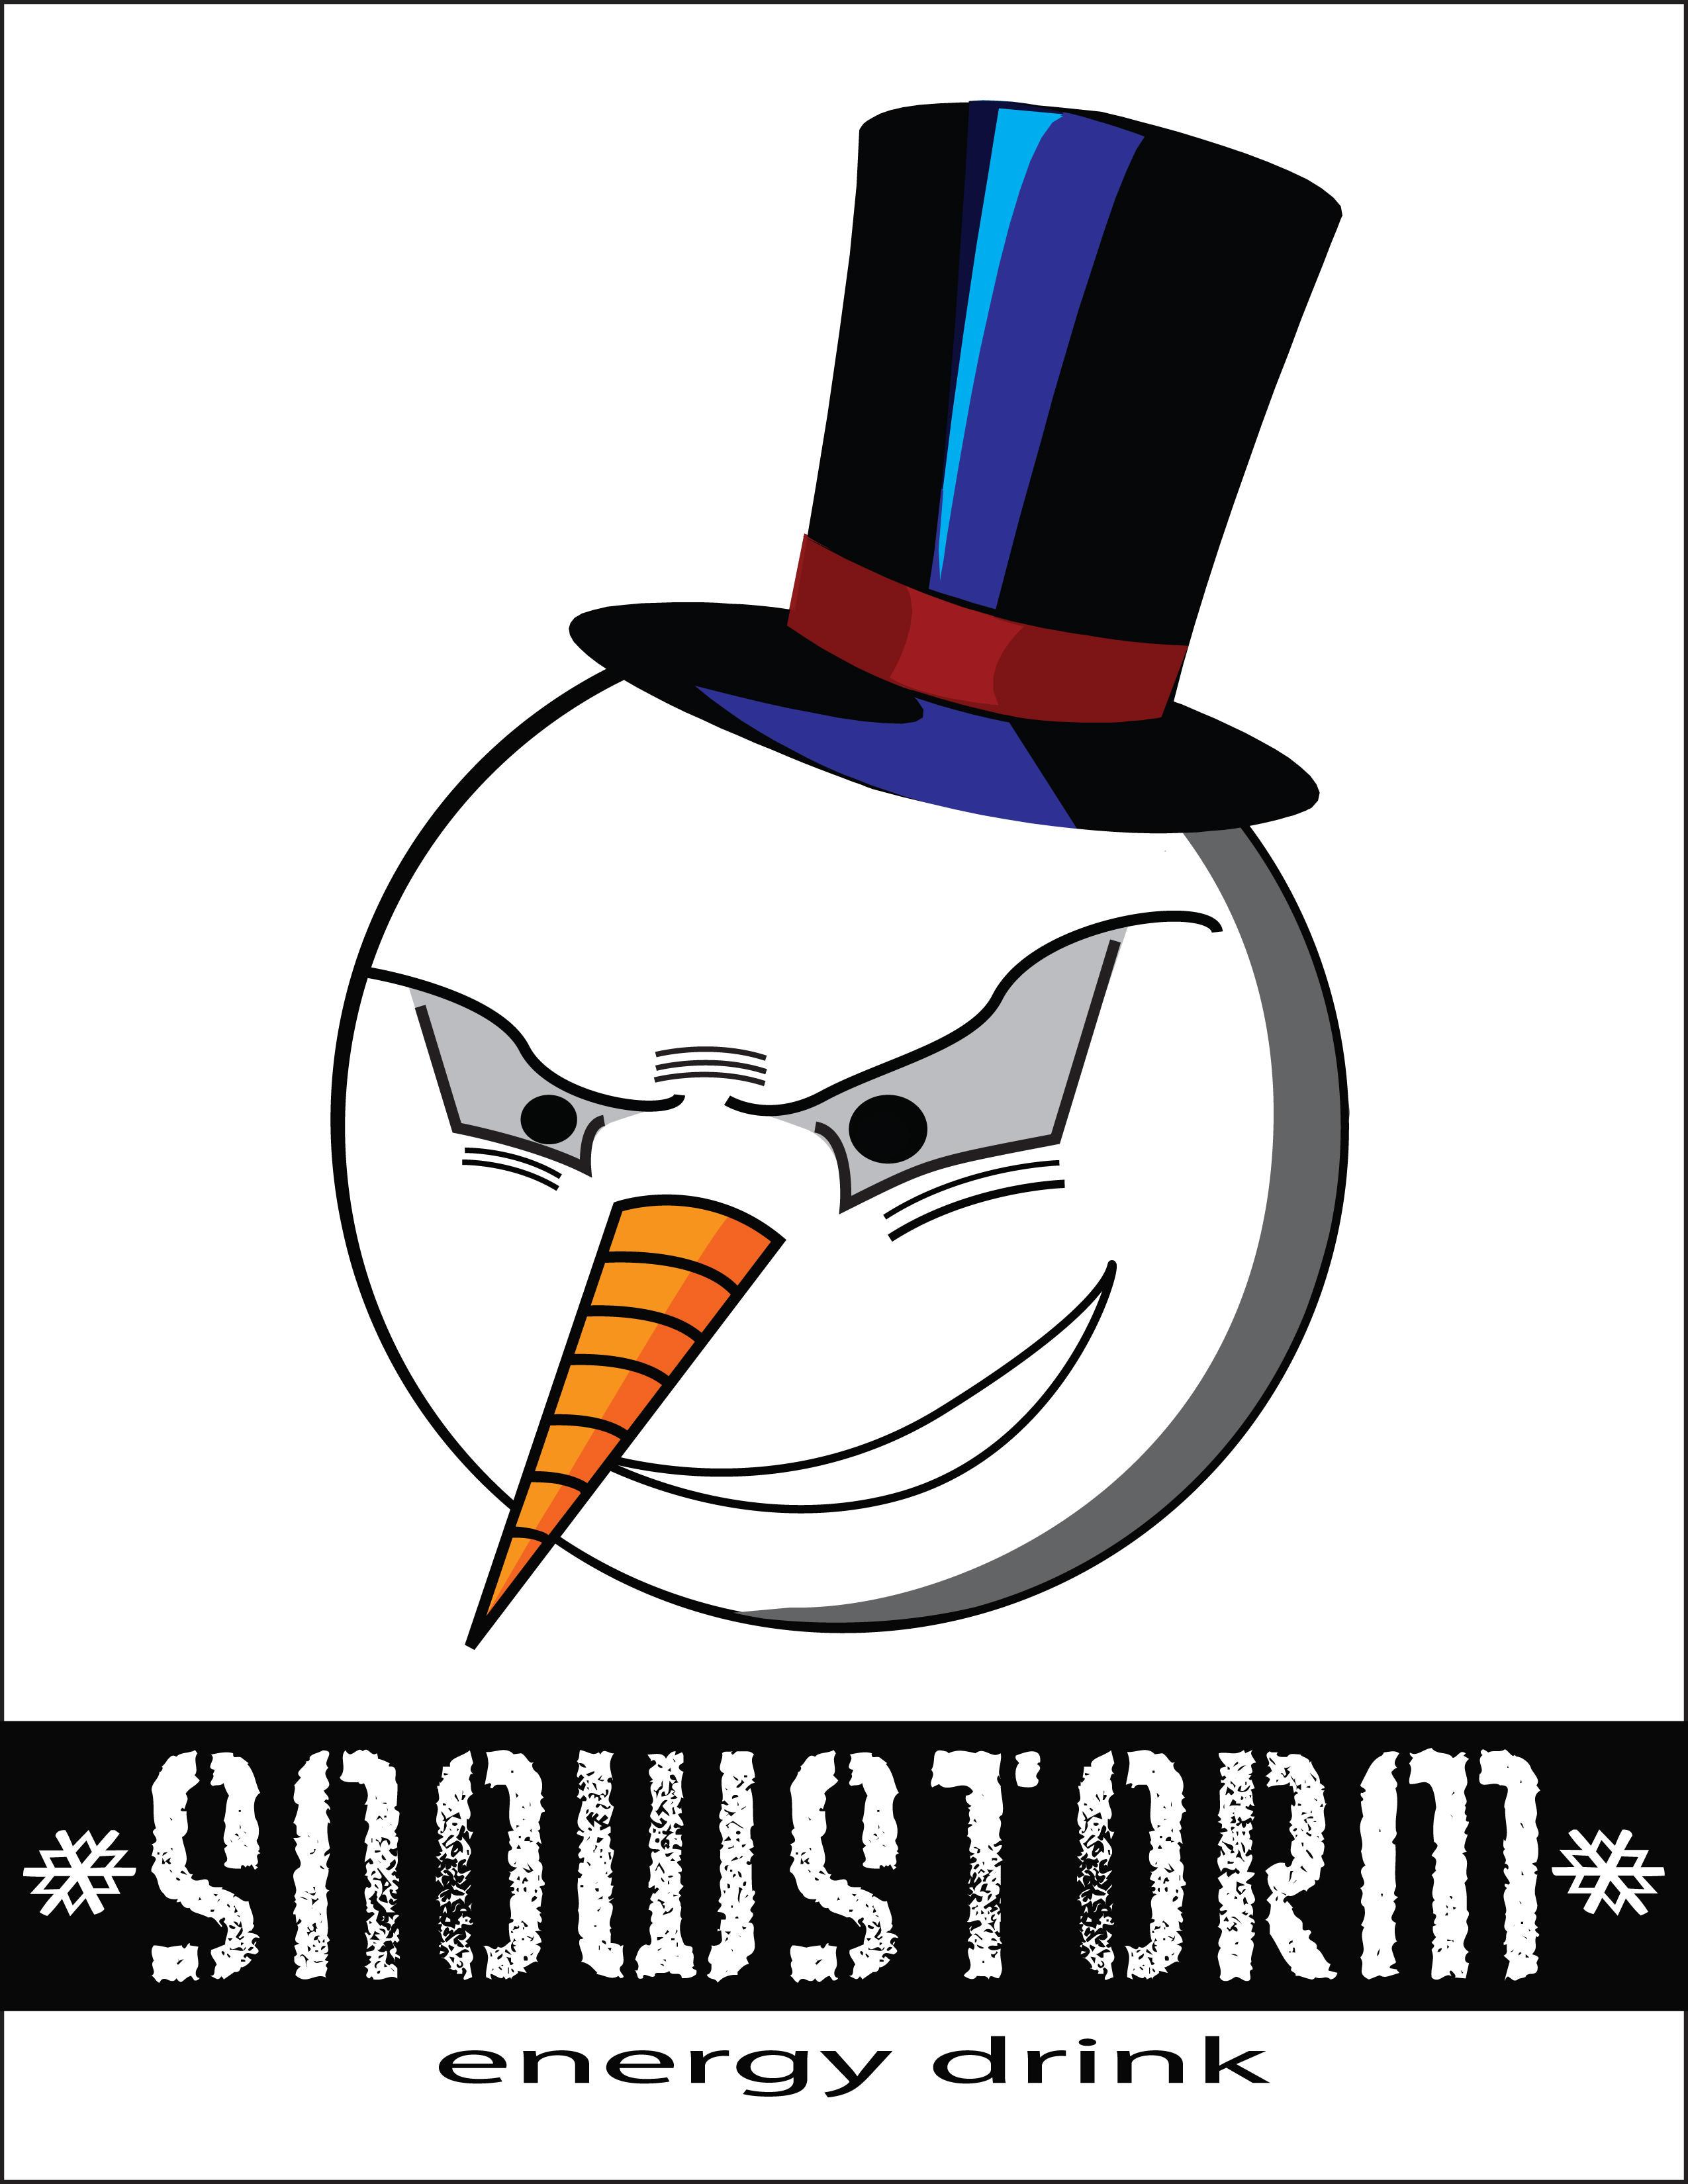 Snowstorm Energy Logo by MagicSteve